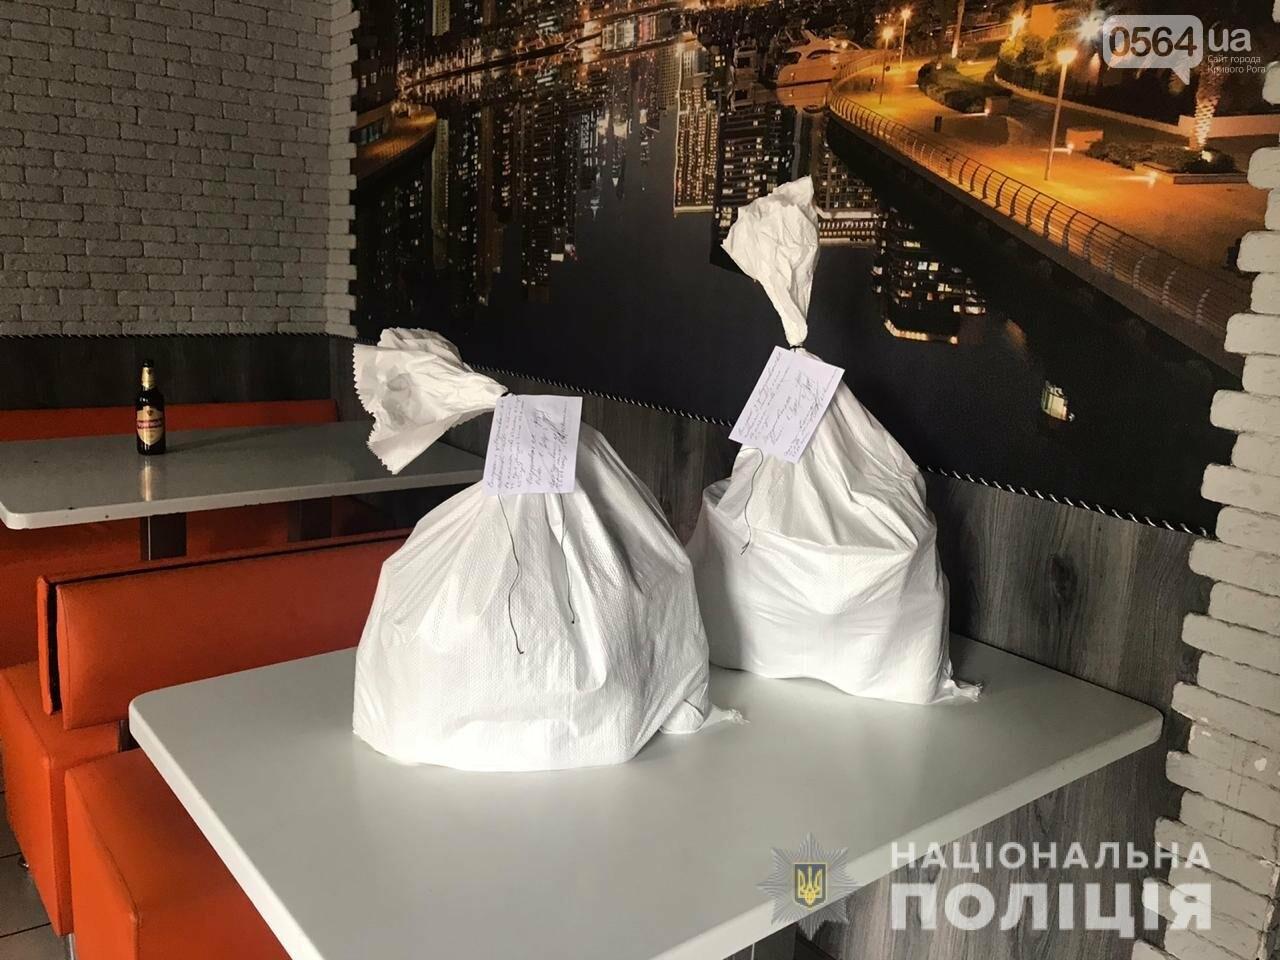 Криворожские полицейские изъяли более 1800 пачек сигарет и около 600 бутылок алкоголя сомнительного происхождения, - ФОТО, ВИДЕО , фото-1